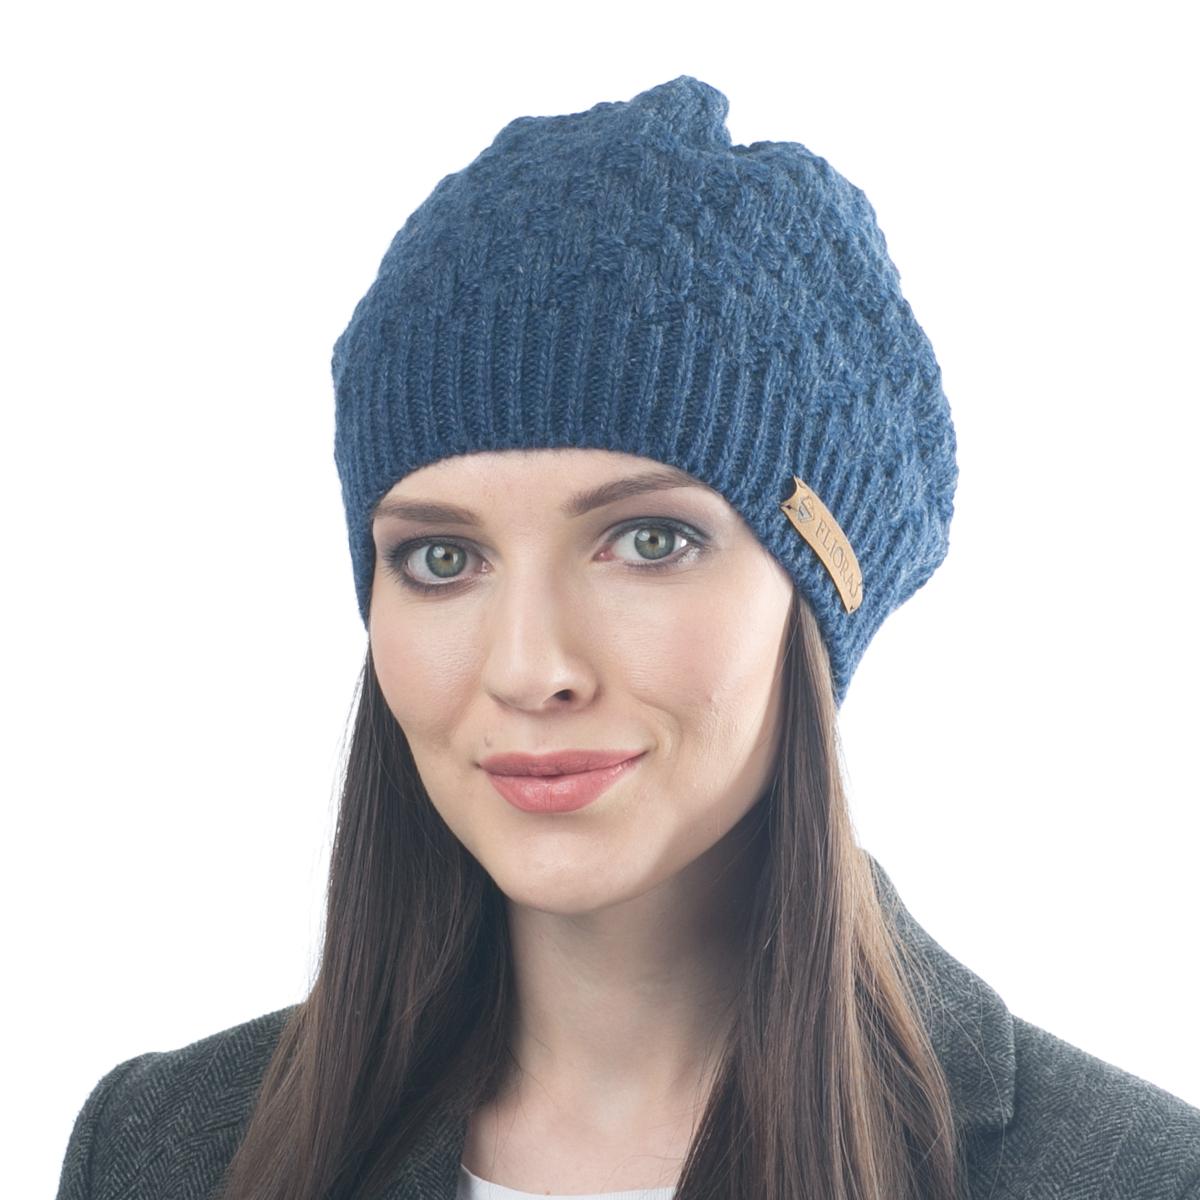 Шапка женская Flioraj, цвет: индиго. 01FJ. Размер 56/5801FJТеплая шапка от Flioraj, связанная из овечьей шерсти и шерсти горной альпаки, отлично согреет в холодную погоду. Состав пряжи делает изделие мягким, теплым и комфортным. Модель выполнена крупной рельефной вязкой и украшена нашивкой из натуральной кожи.